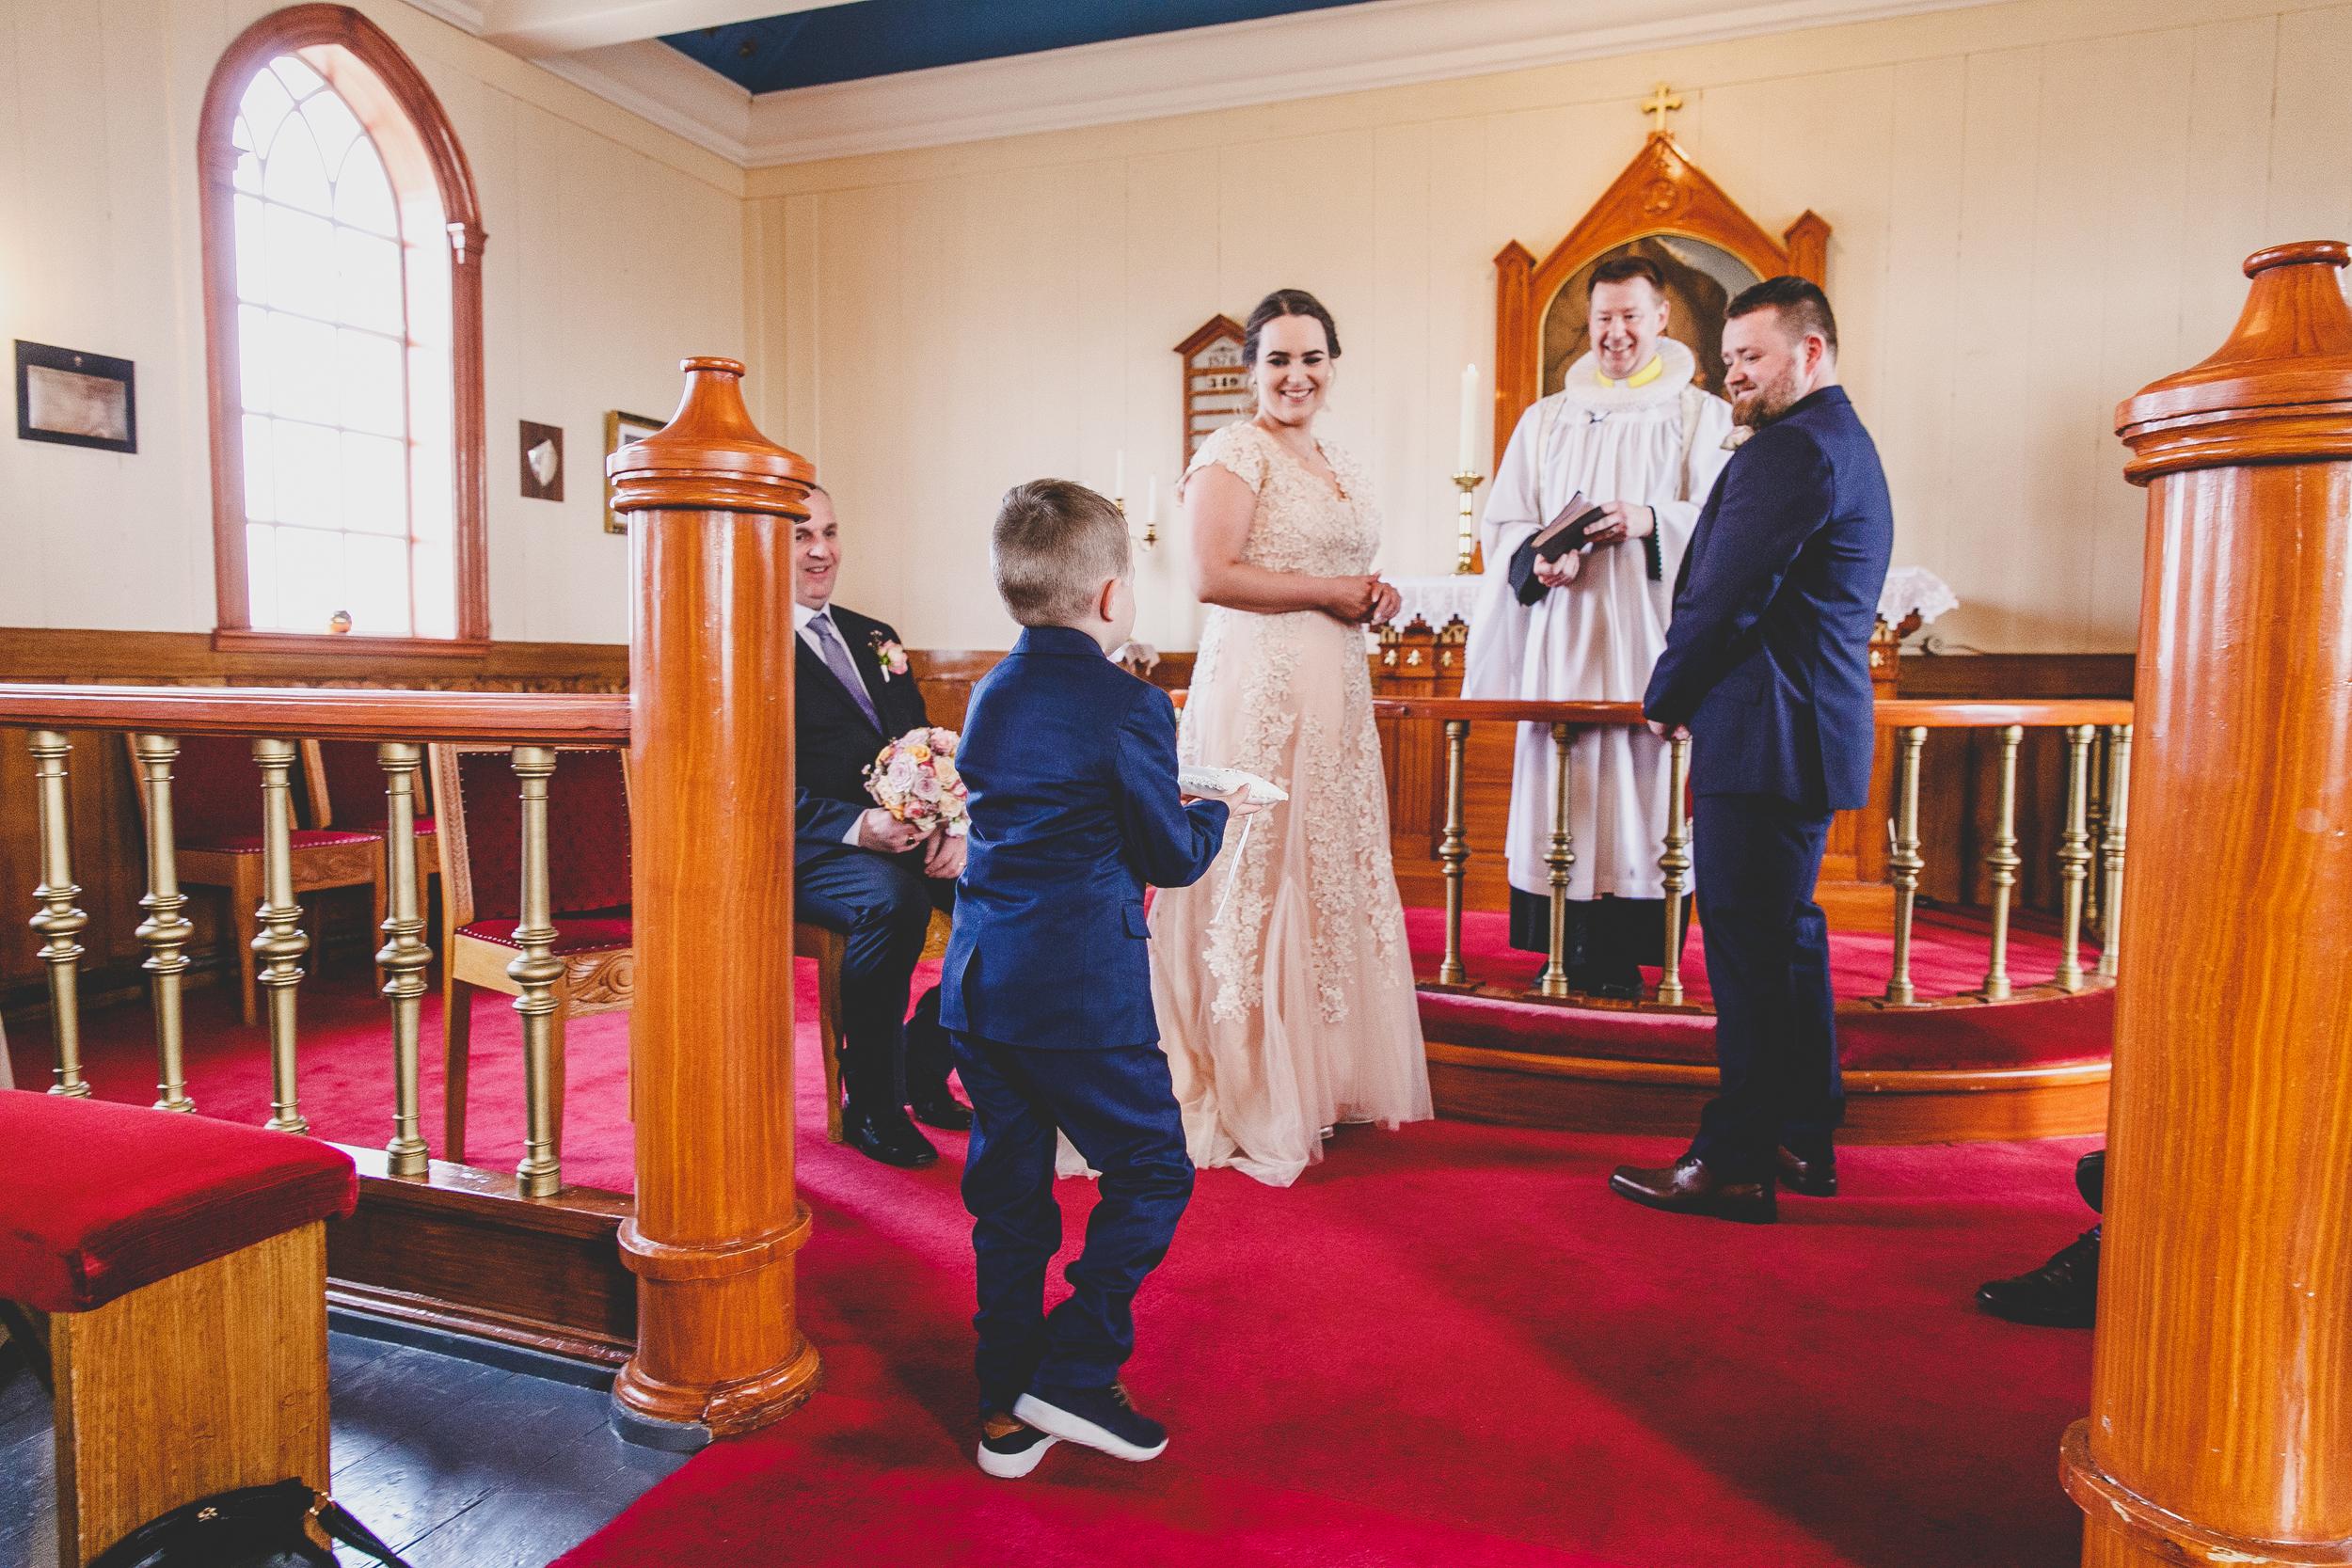 Brudkaup02-102.jpg